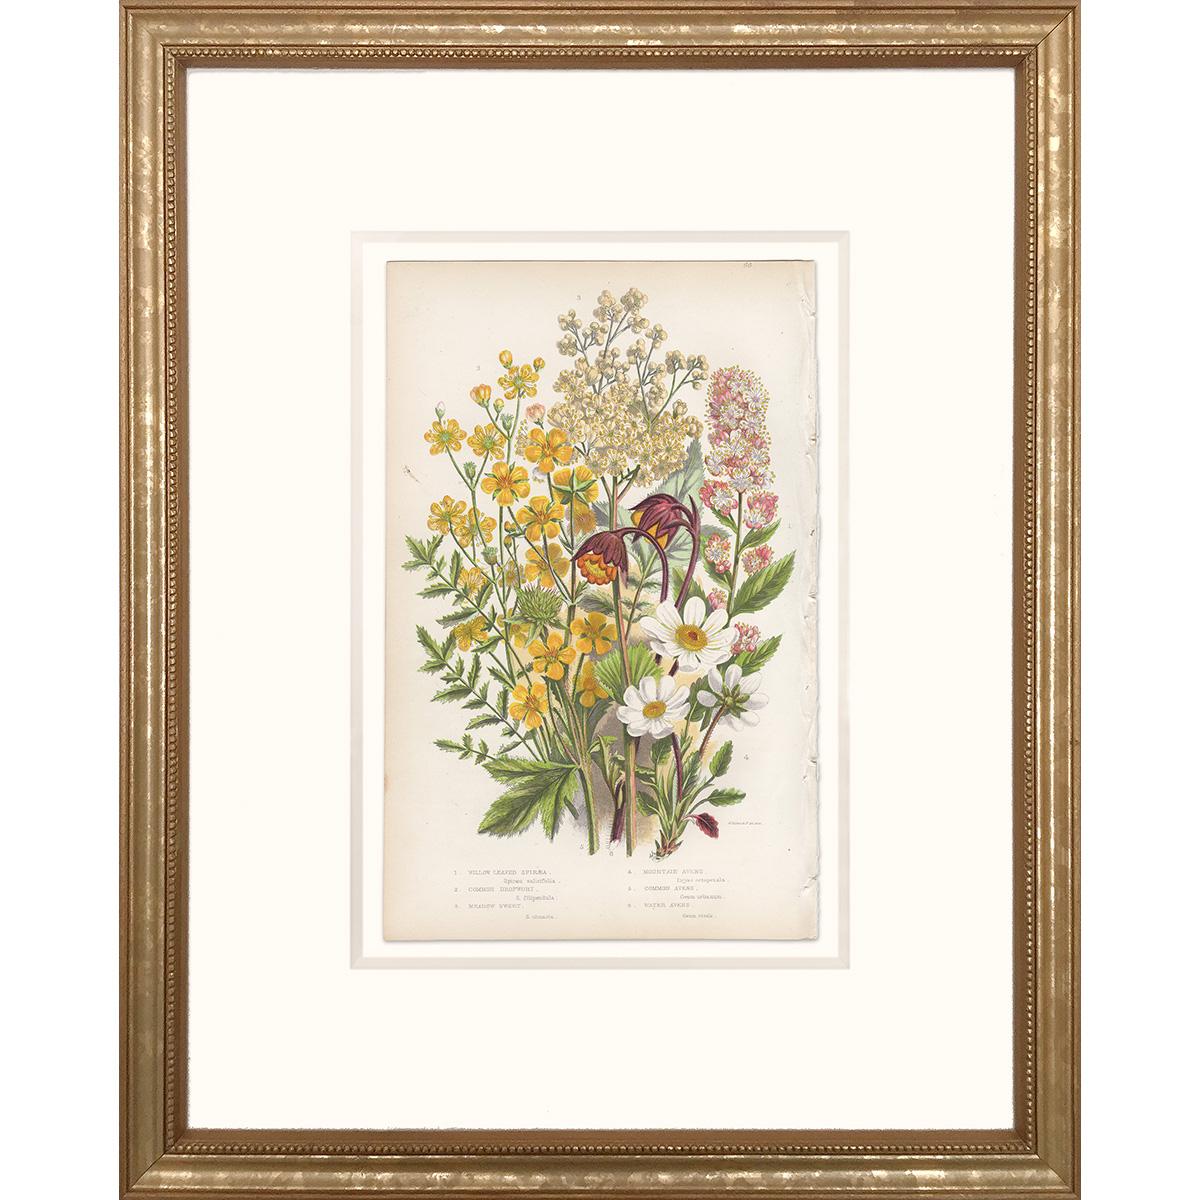 Anne Pratt Plate 66 Spiraea, Dropwort, Avens - Framed print